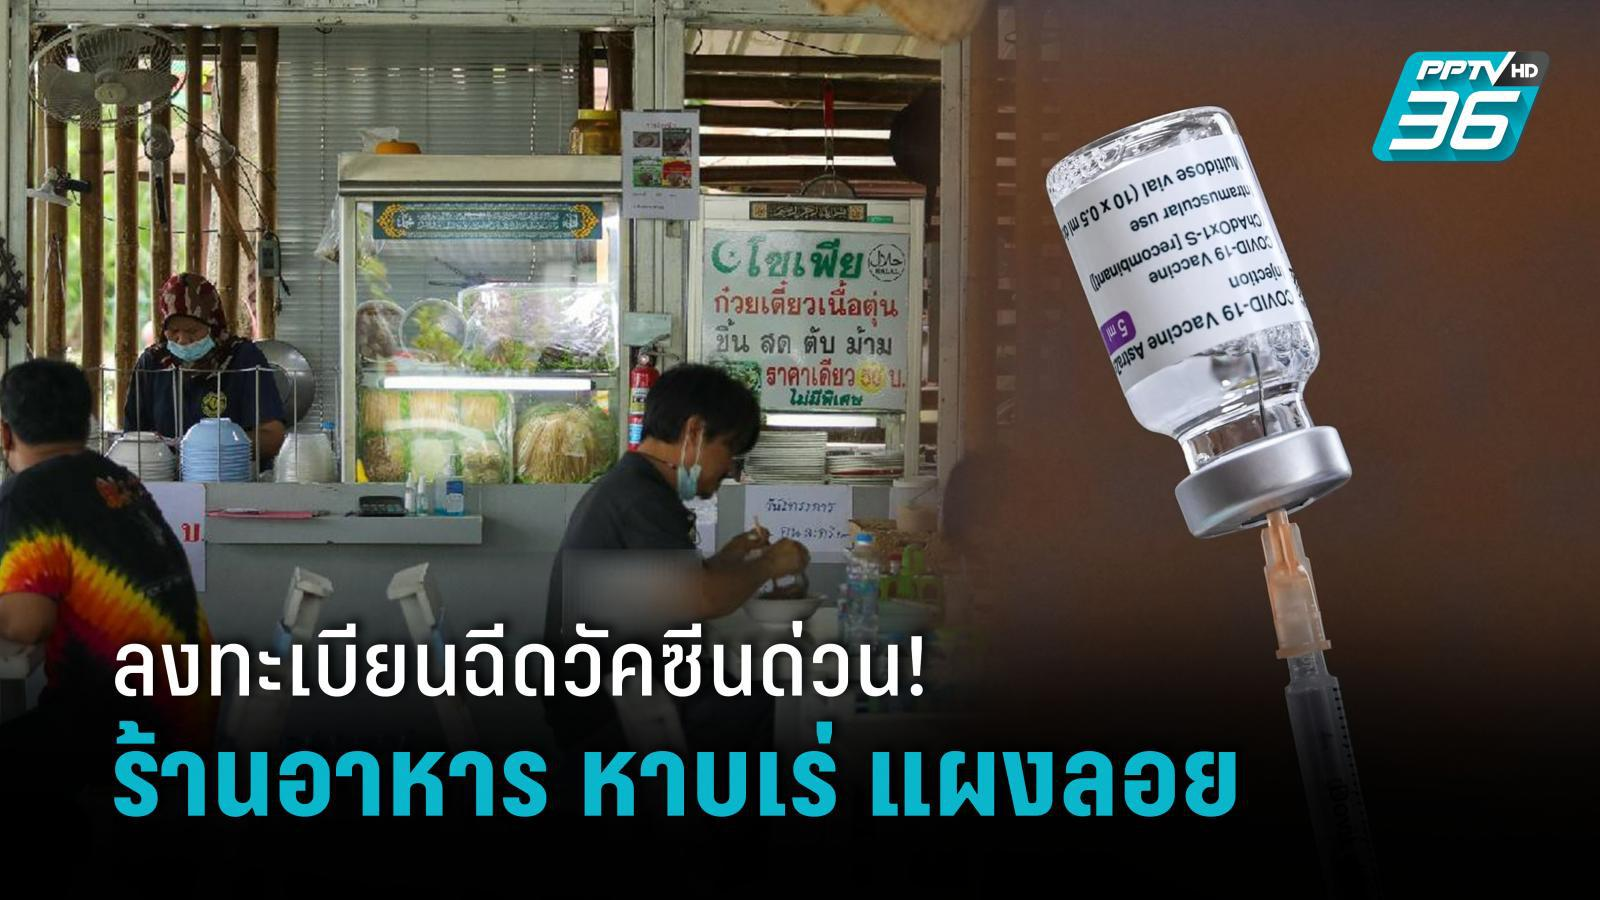 ด่วน! เปิดลงทะเบียนออนไลน์ฉีดวัคซีนโควิด สำหรับคนอาชีพร้านอาหาร หาบเร่ แผงลอย